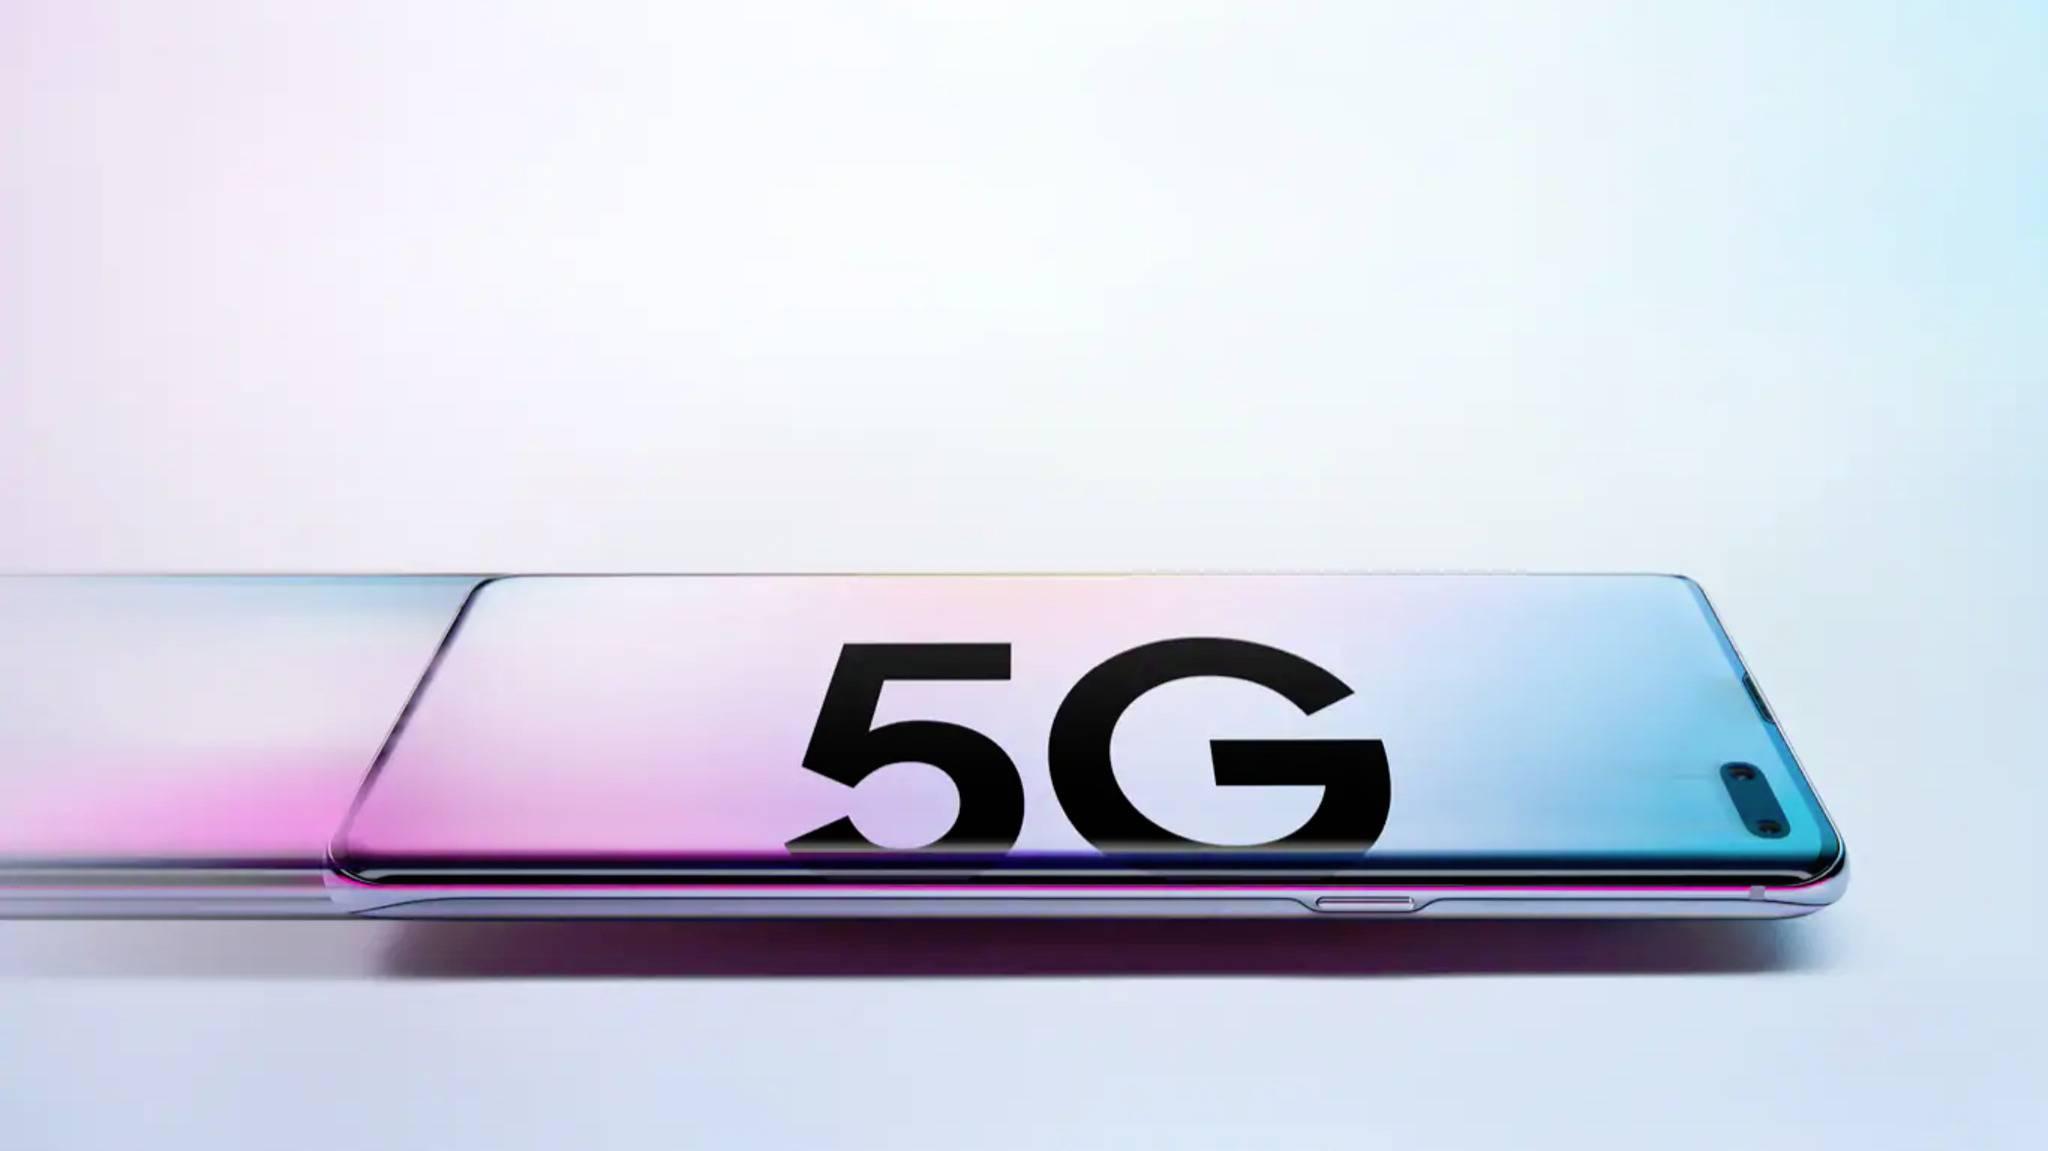 Das Samsung Galaxy S10 5G wird auch ohne verfügbare 5G-Netze in Deutschland verkauft.